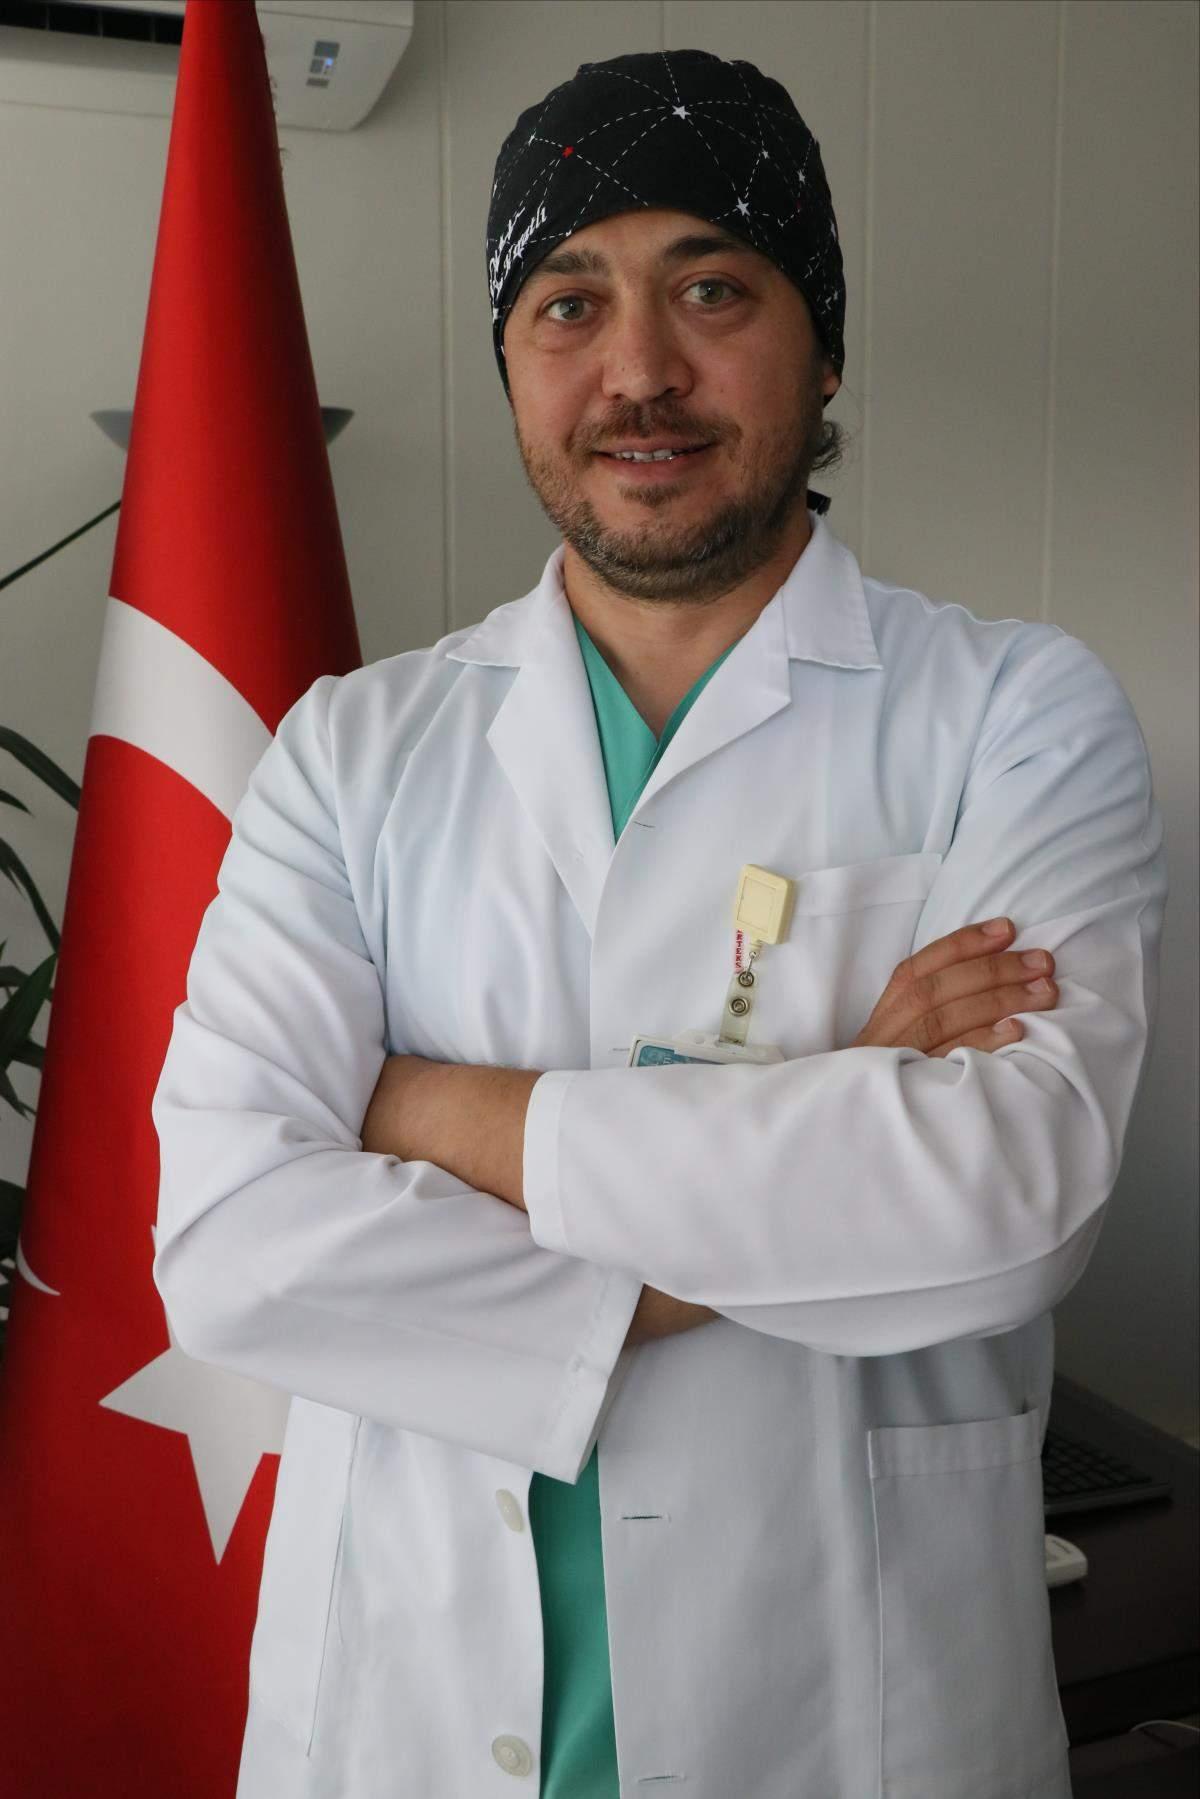 32 gün arayla 2 kez Kovid-19 geçiren doktordan vatandaşlara